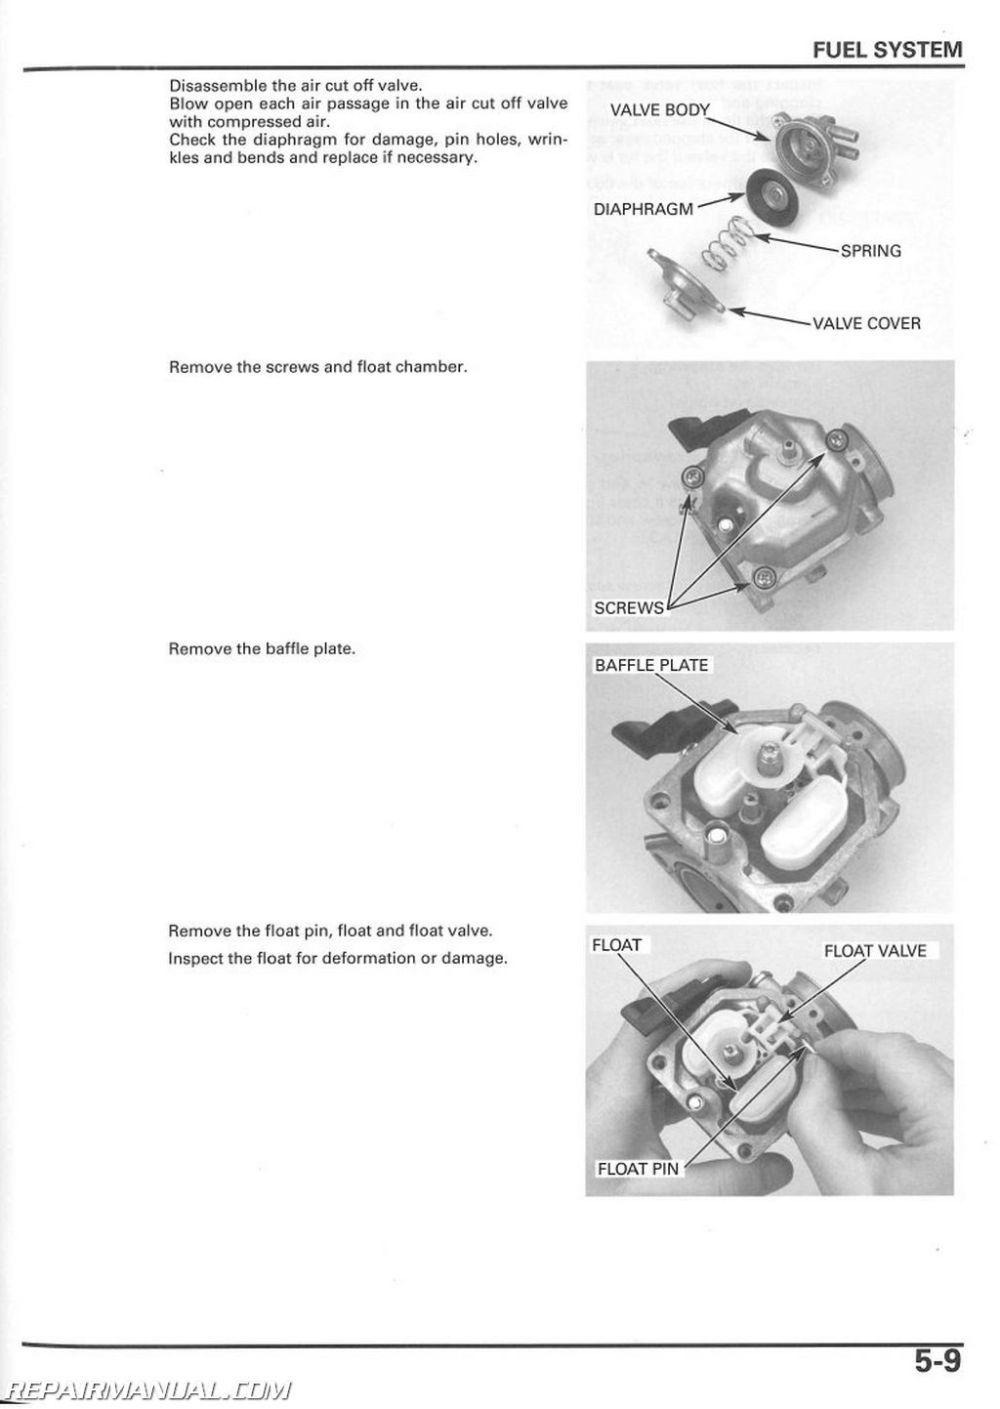 medium resolution of wiring diagram for honda recon atv wiring diagram article reviewwiring diagram for 2005 honda recon